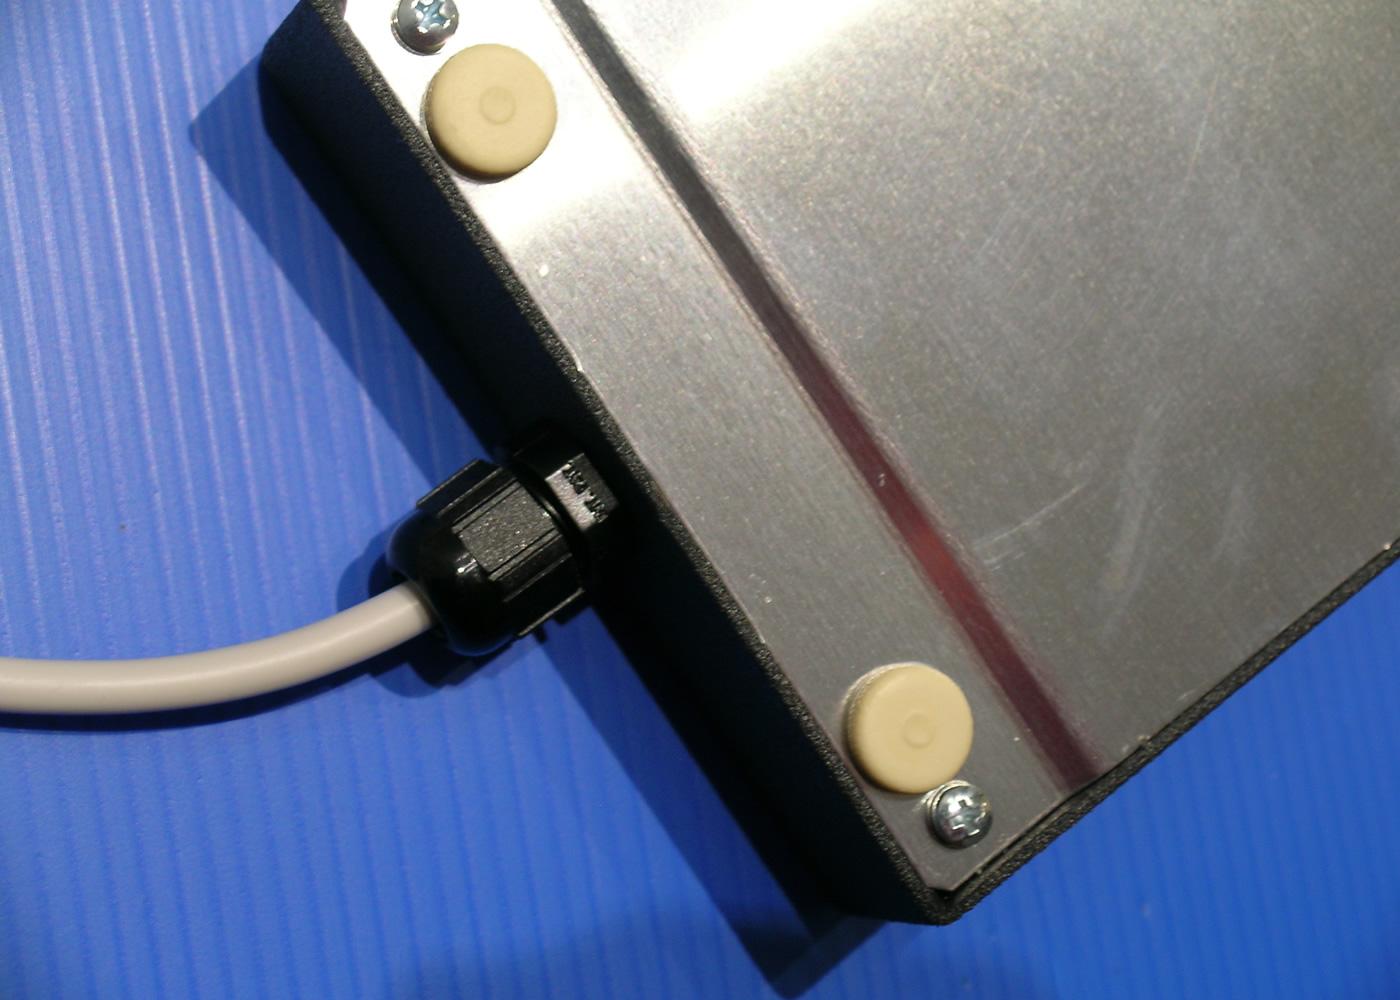 Trackball 38mm industrielle en boitier de table – Sortie cordon